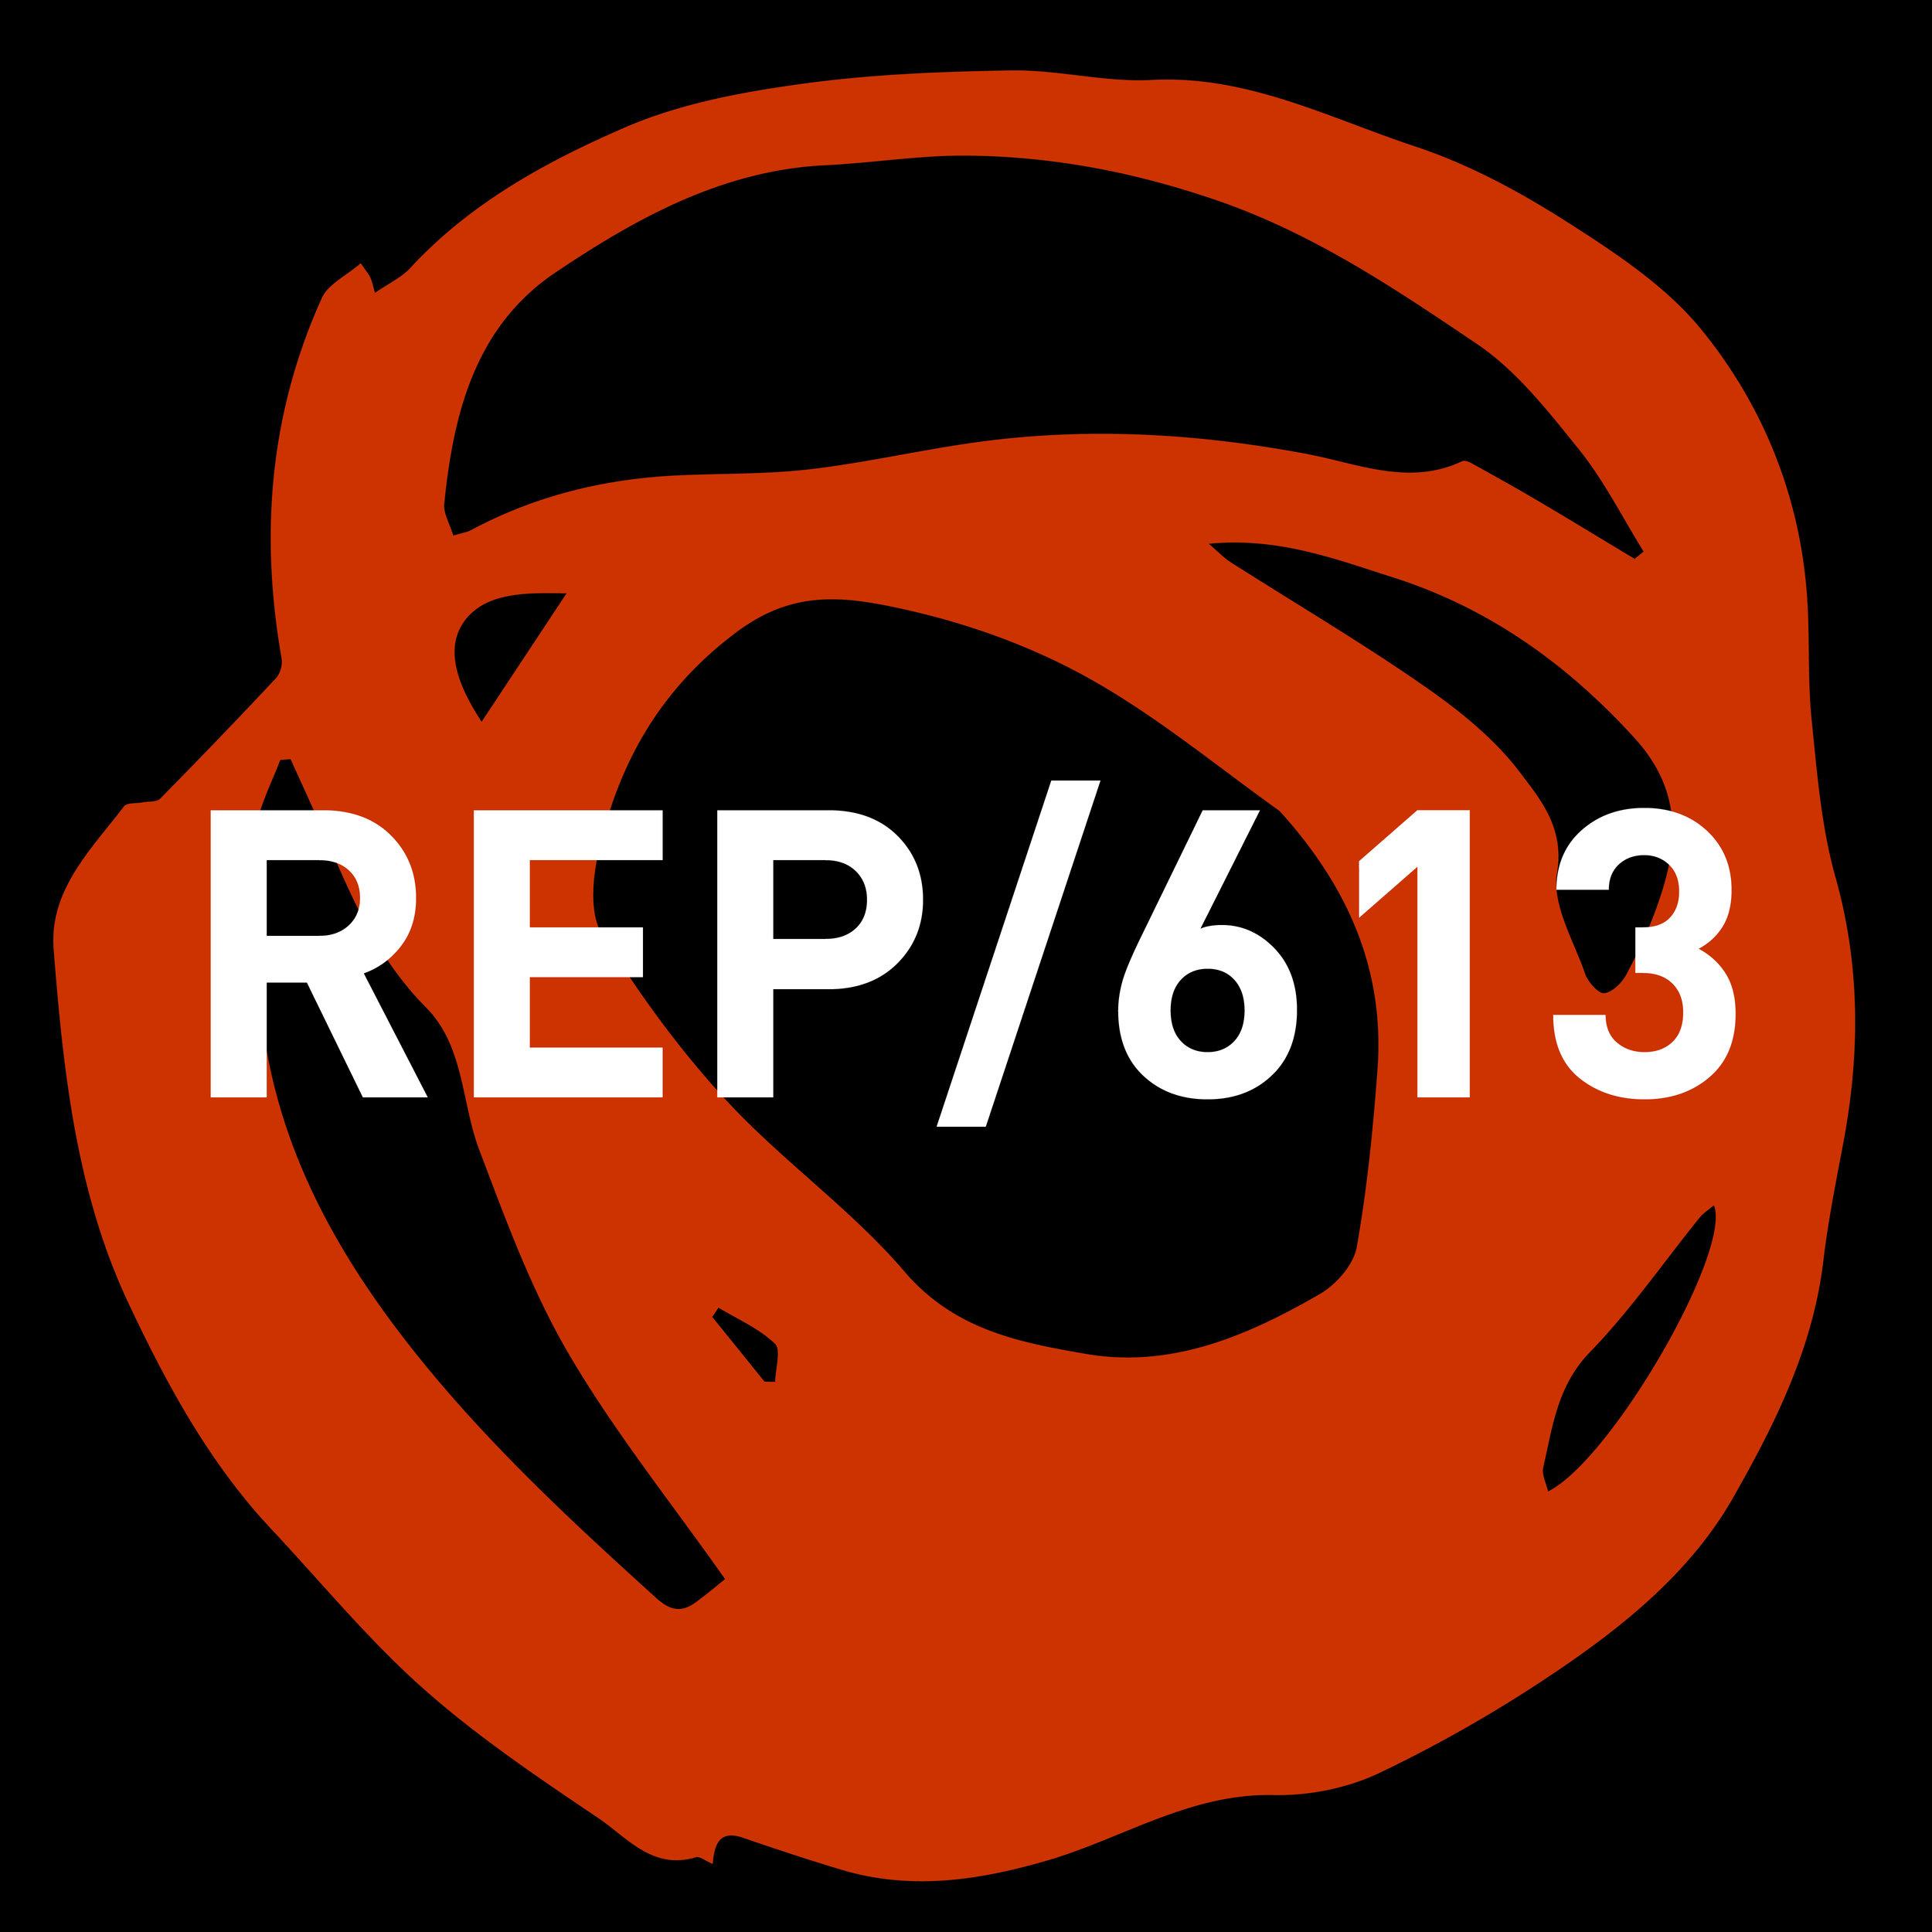 REP613.jpg